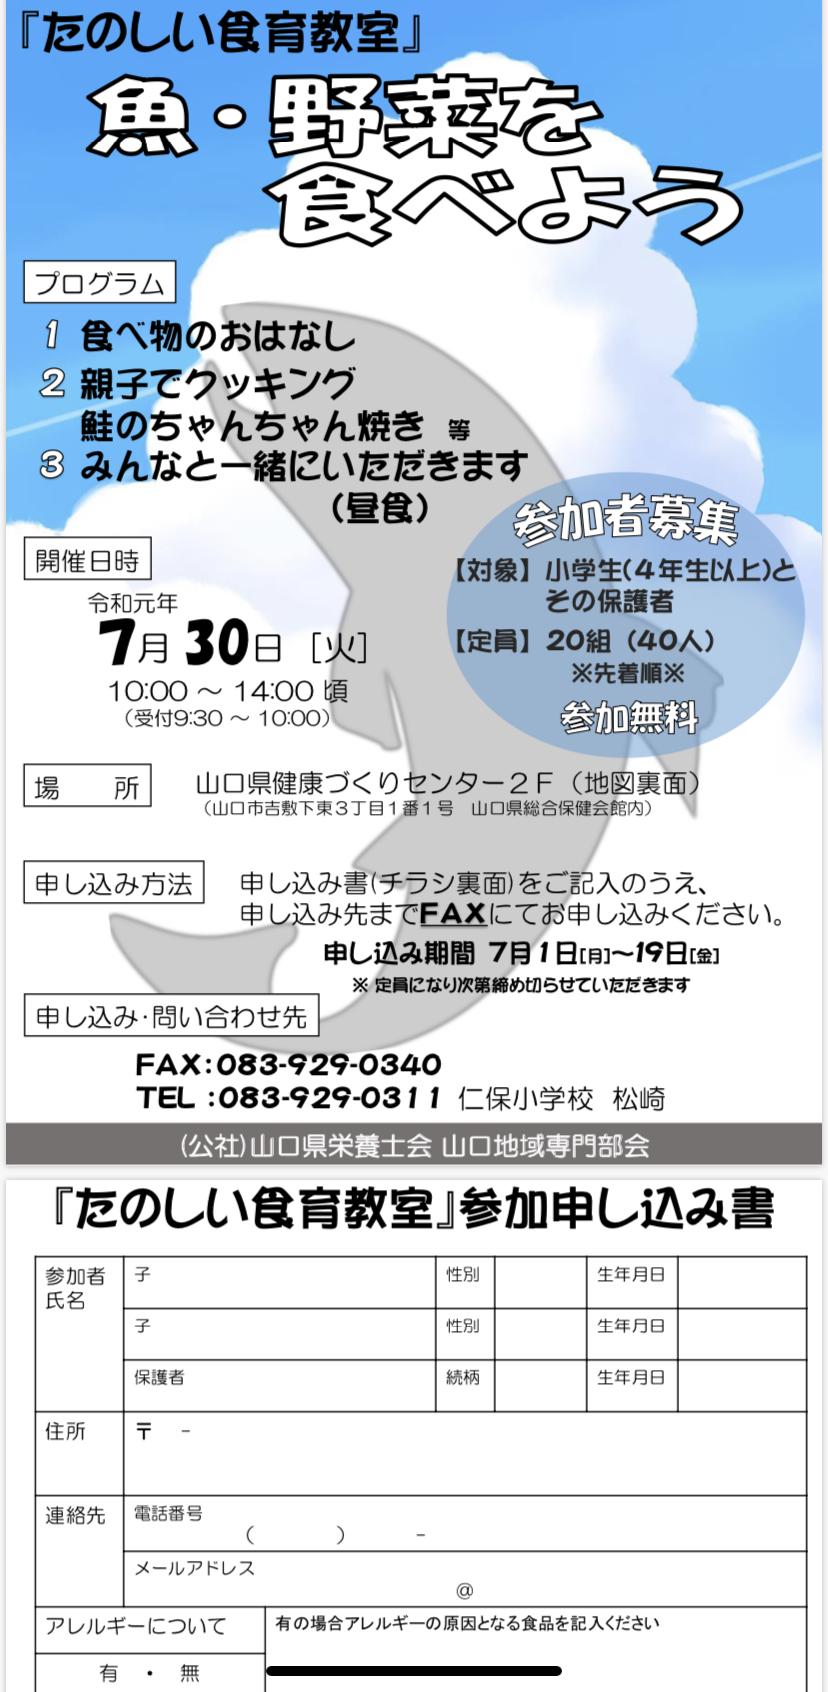 たのしい食育教室 魚野菜を食べよう @ 山口県健康づくりセンター2F